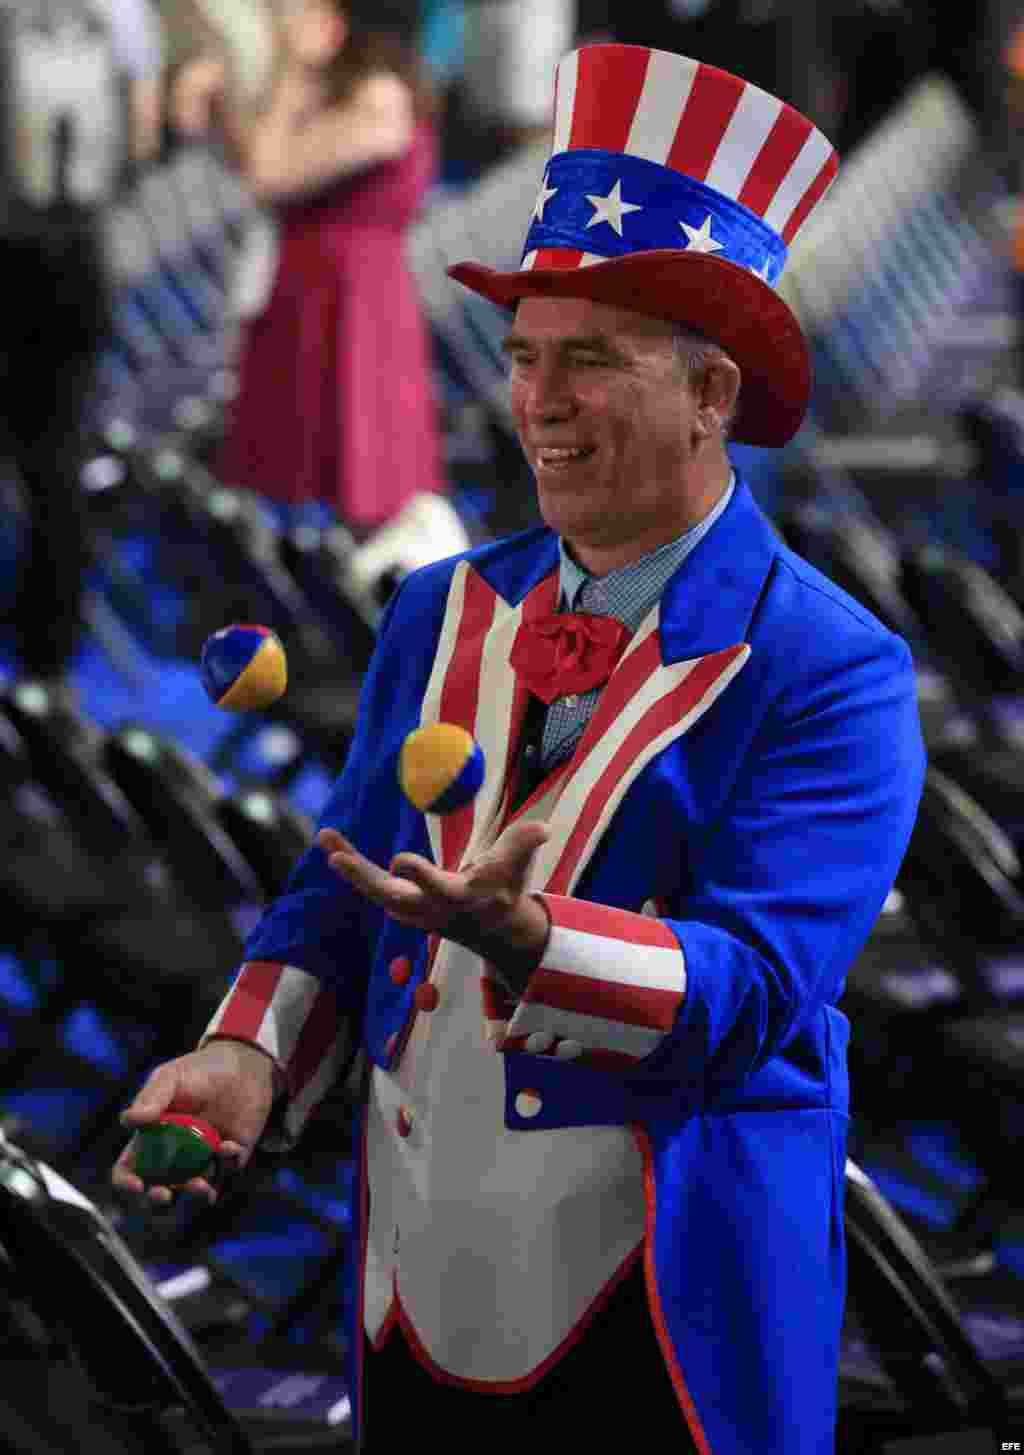 Un hombre vestido con los colores de la bandera estadounidense asiste a la primera jornada de la Convención Nacional Demócrata 2016 hoy, 25 de julio de 2016, en el Wells Fargo Center de Filadelfia, Pensilvania. EFE/TANNEN MAURY